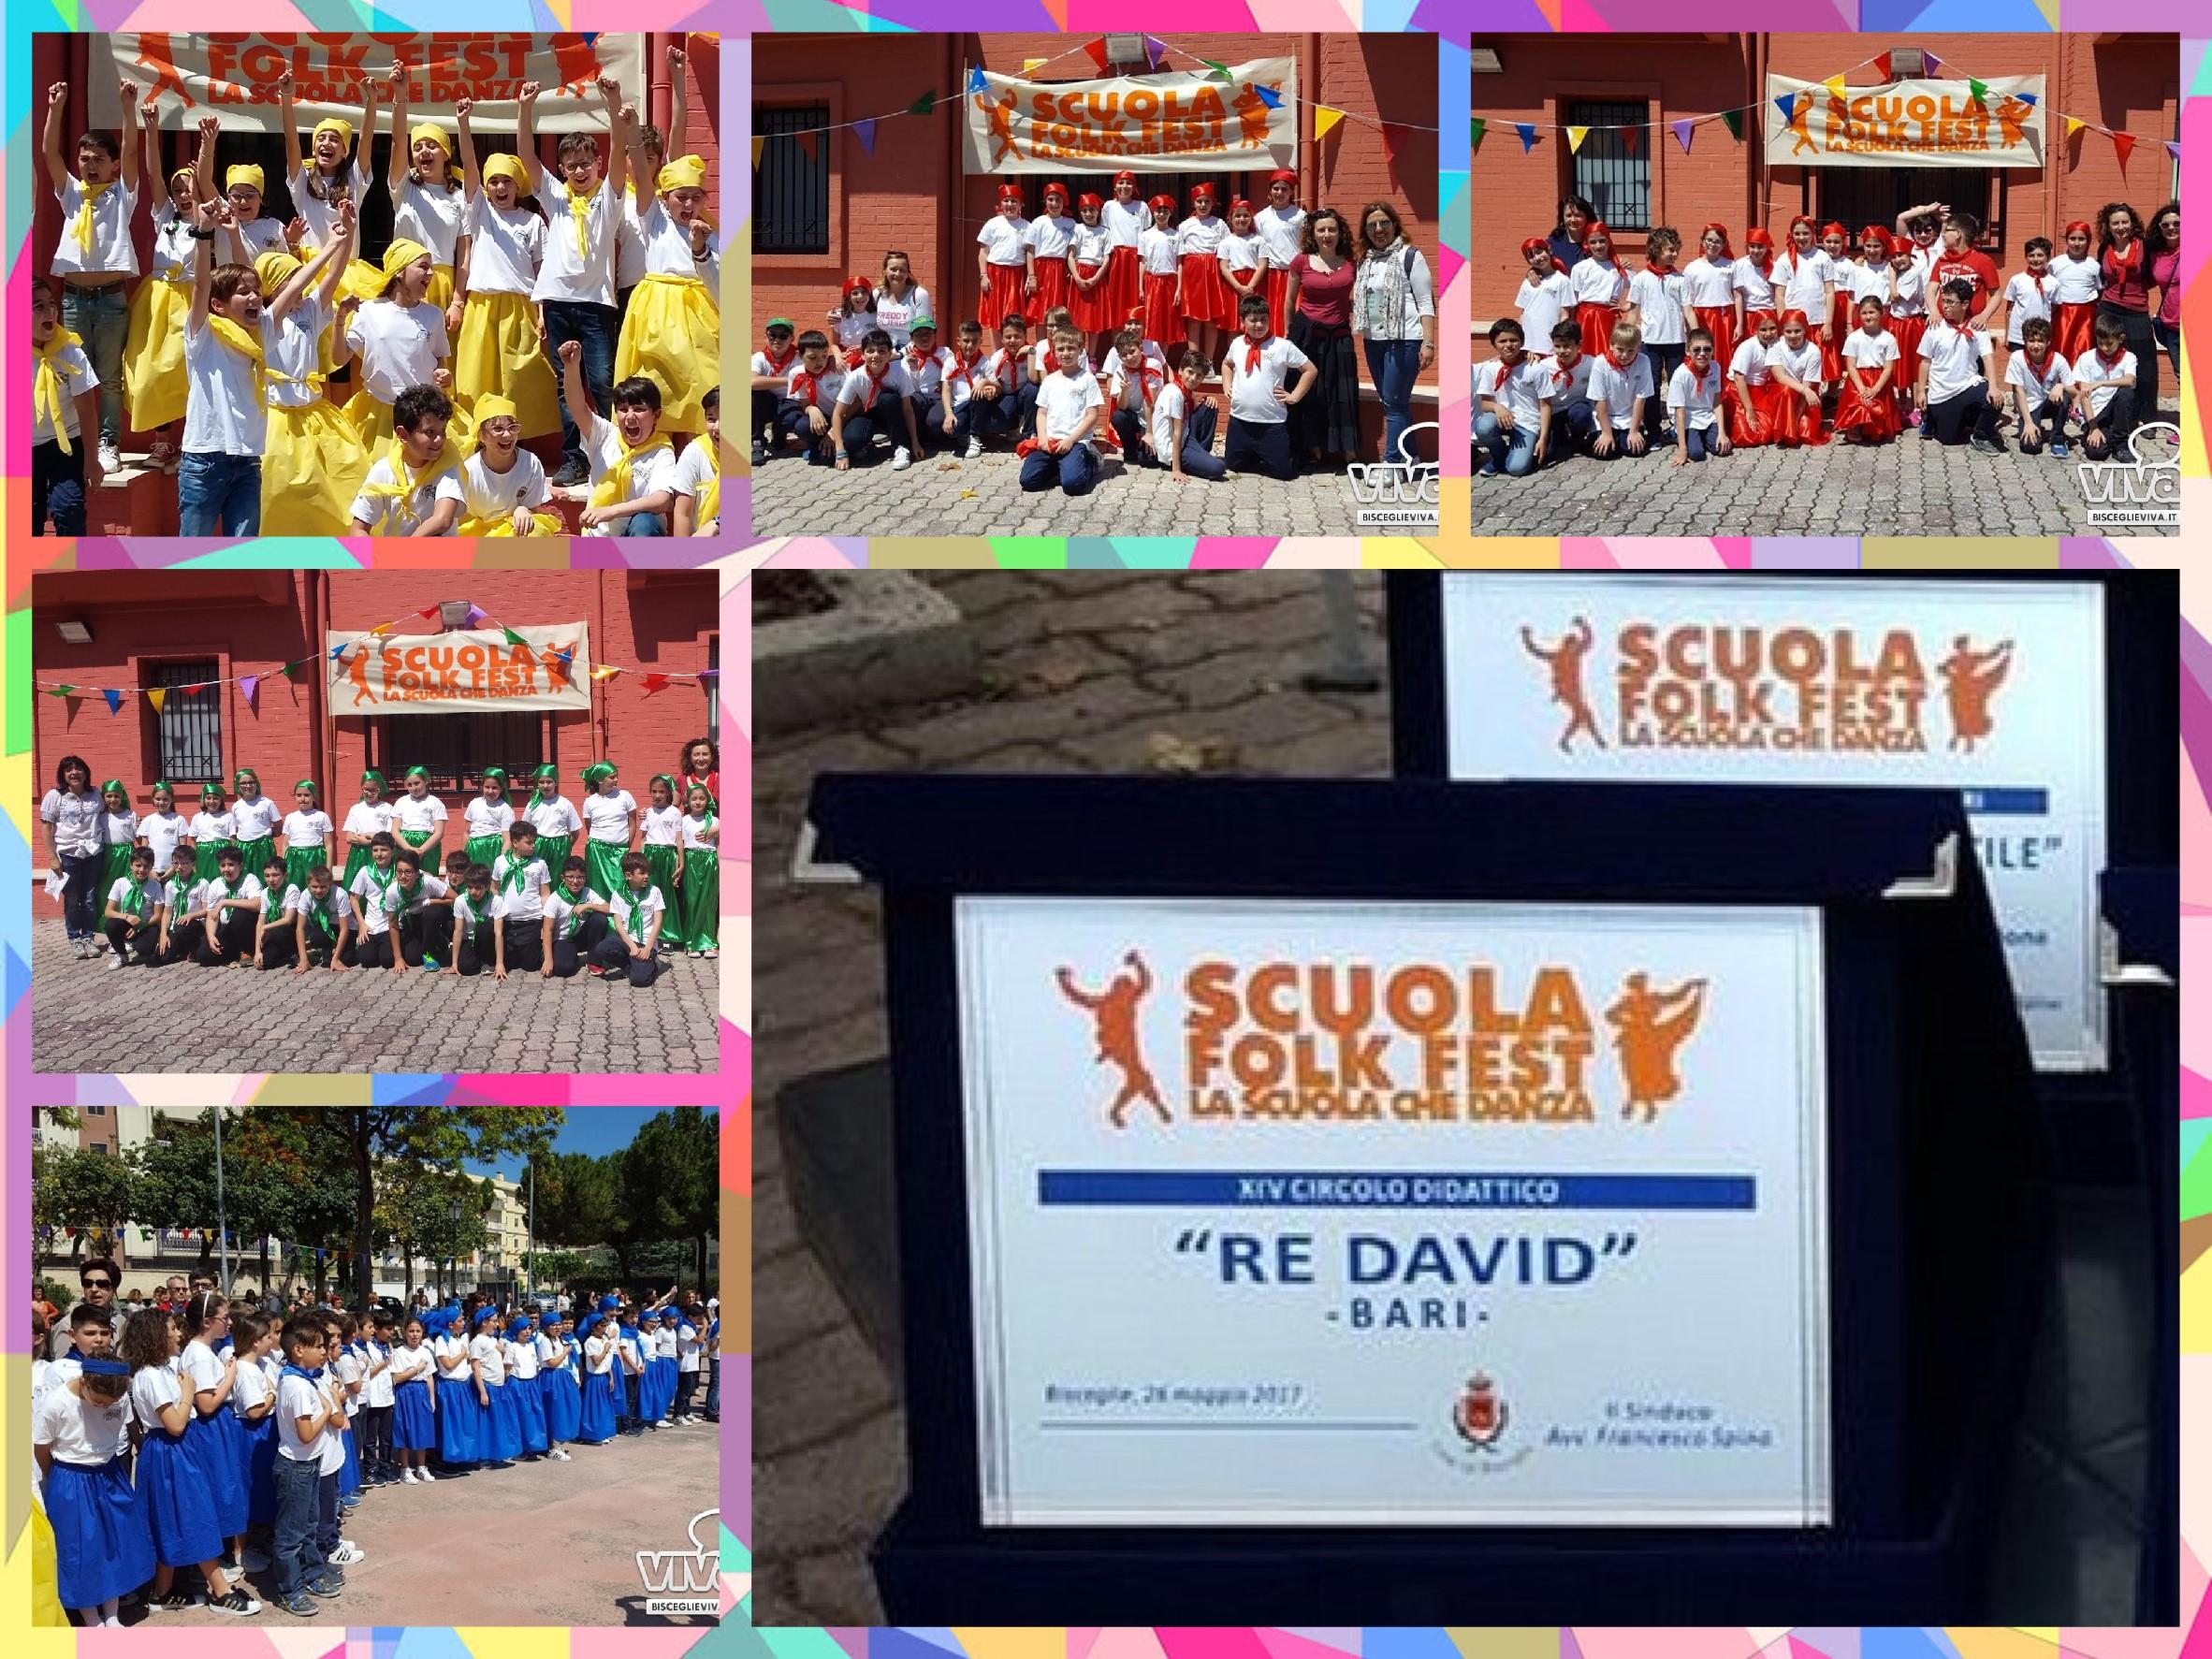 Scuola Re David Bari Calendario Scolastico.Erasmus